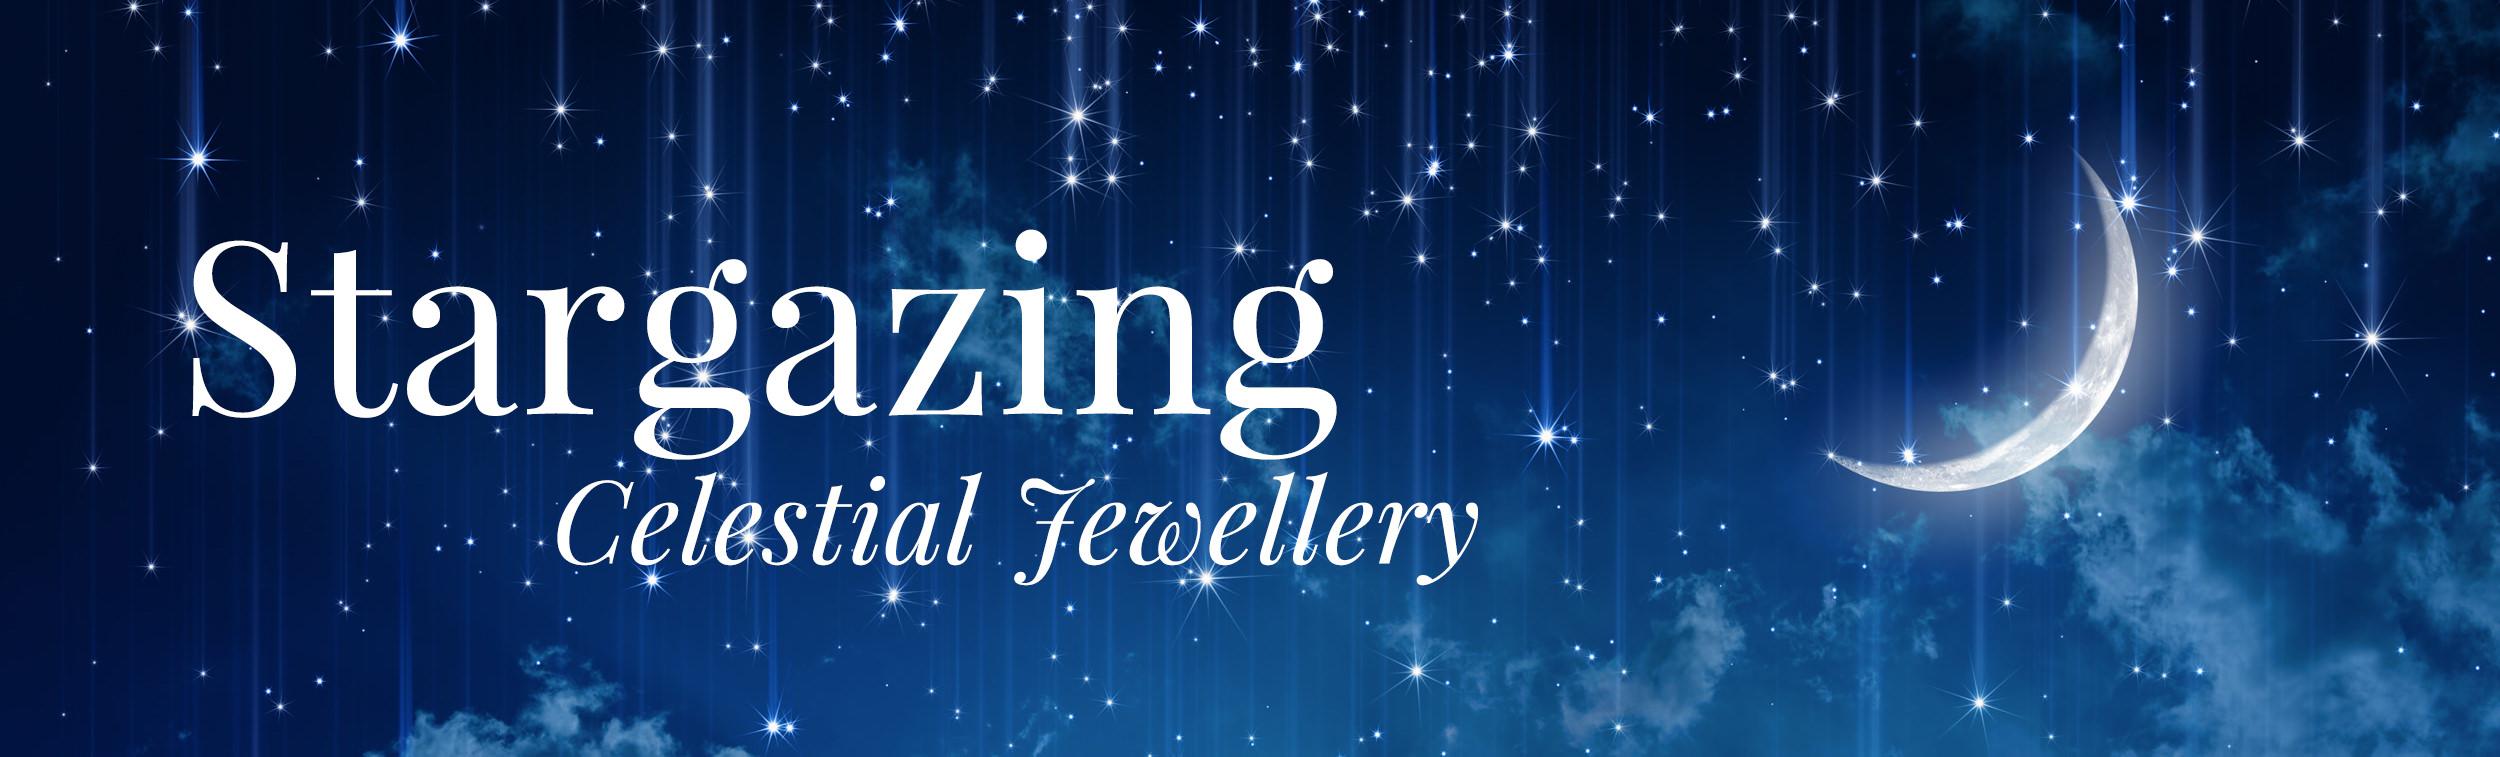 Stargazing-celestial-fine-jewellery-by-Lauren-Grace.JPG